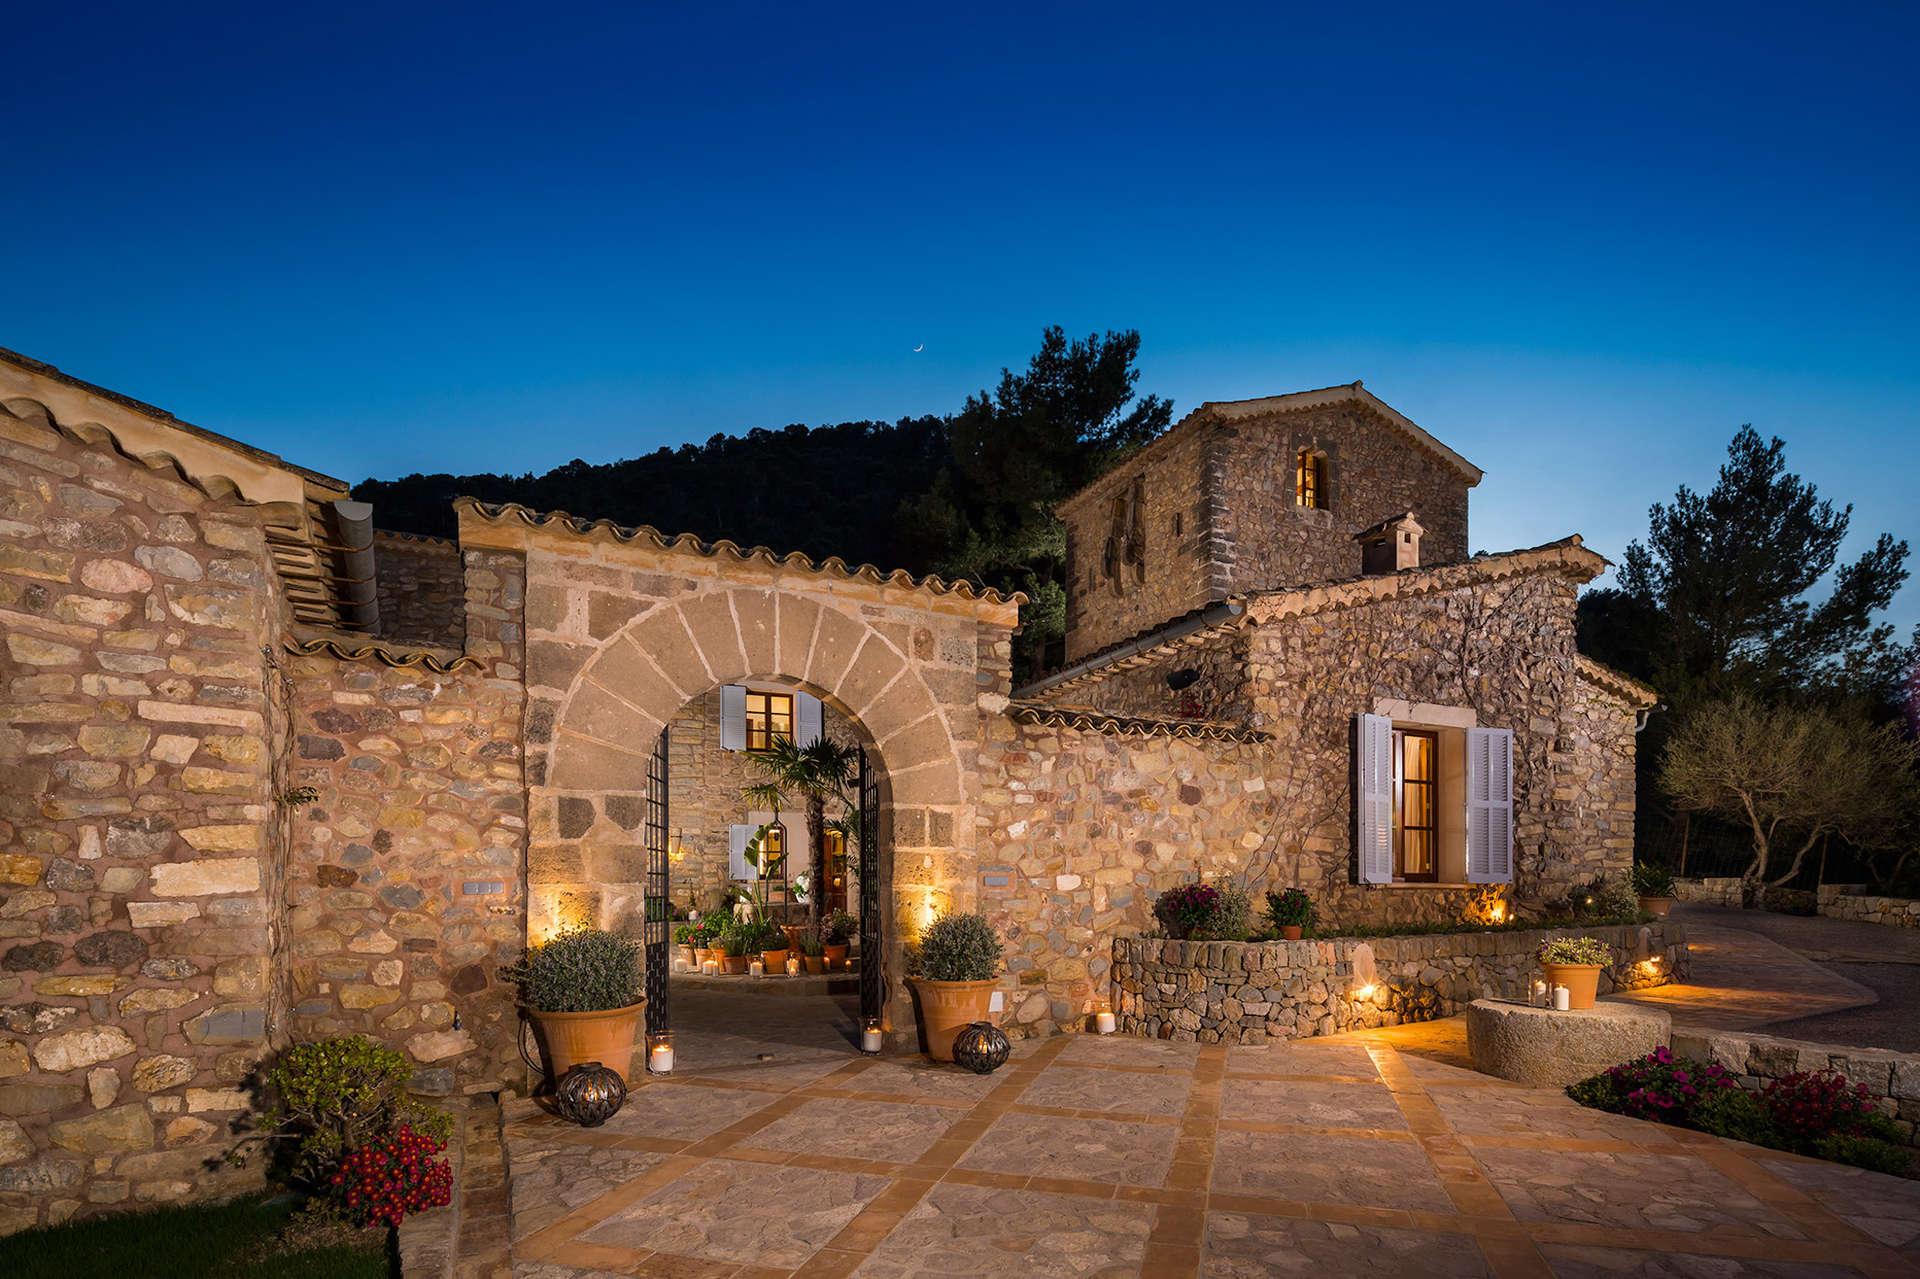 - Villa Santiago - Image 1/18